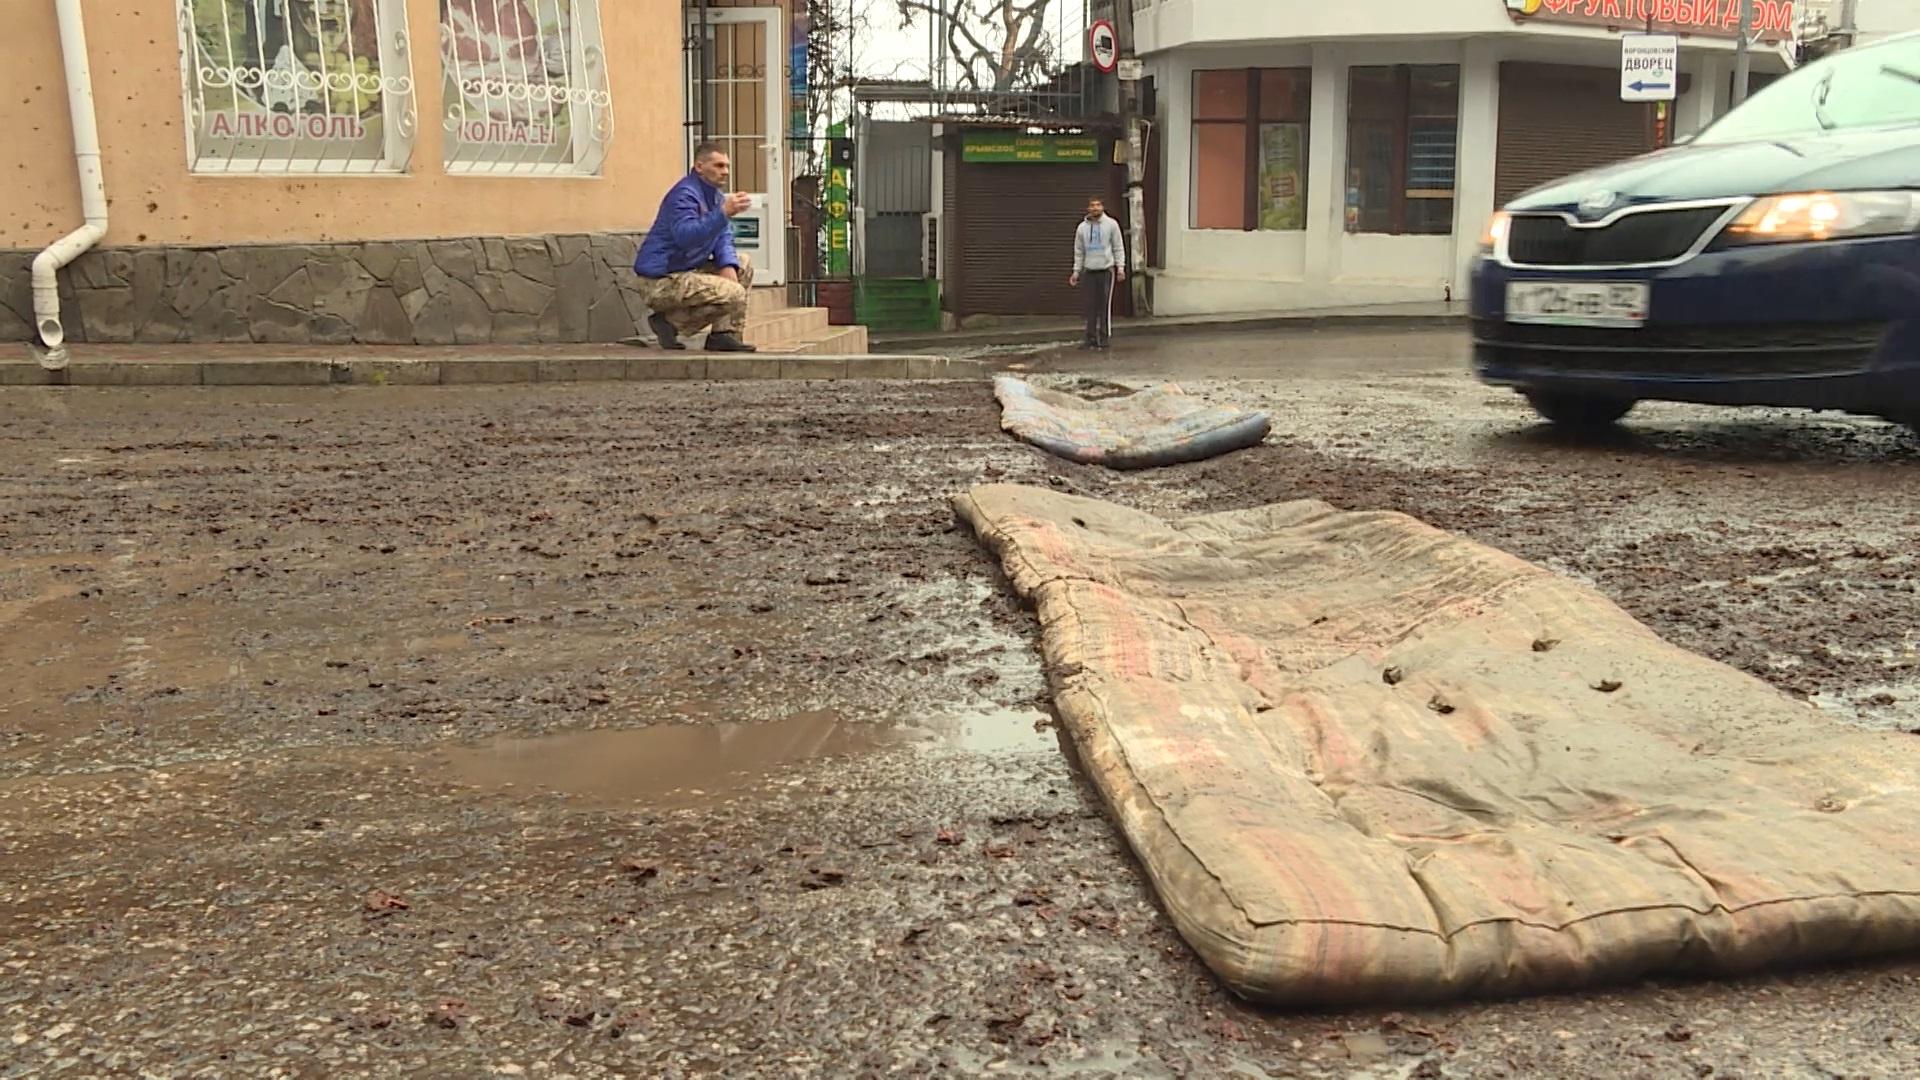 «Наноасфальт»: на разбитую крымскую дорогу постелили матрасы